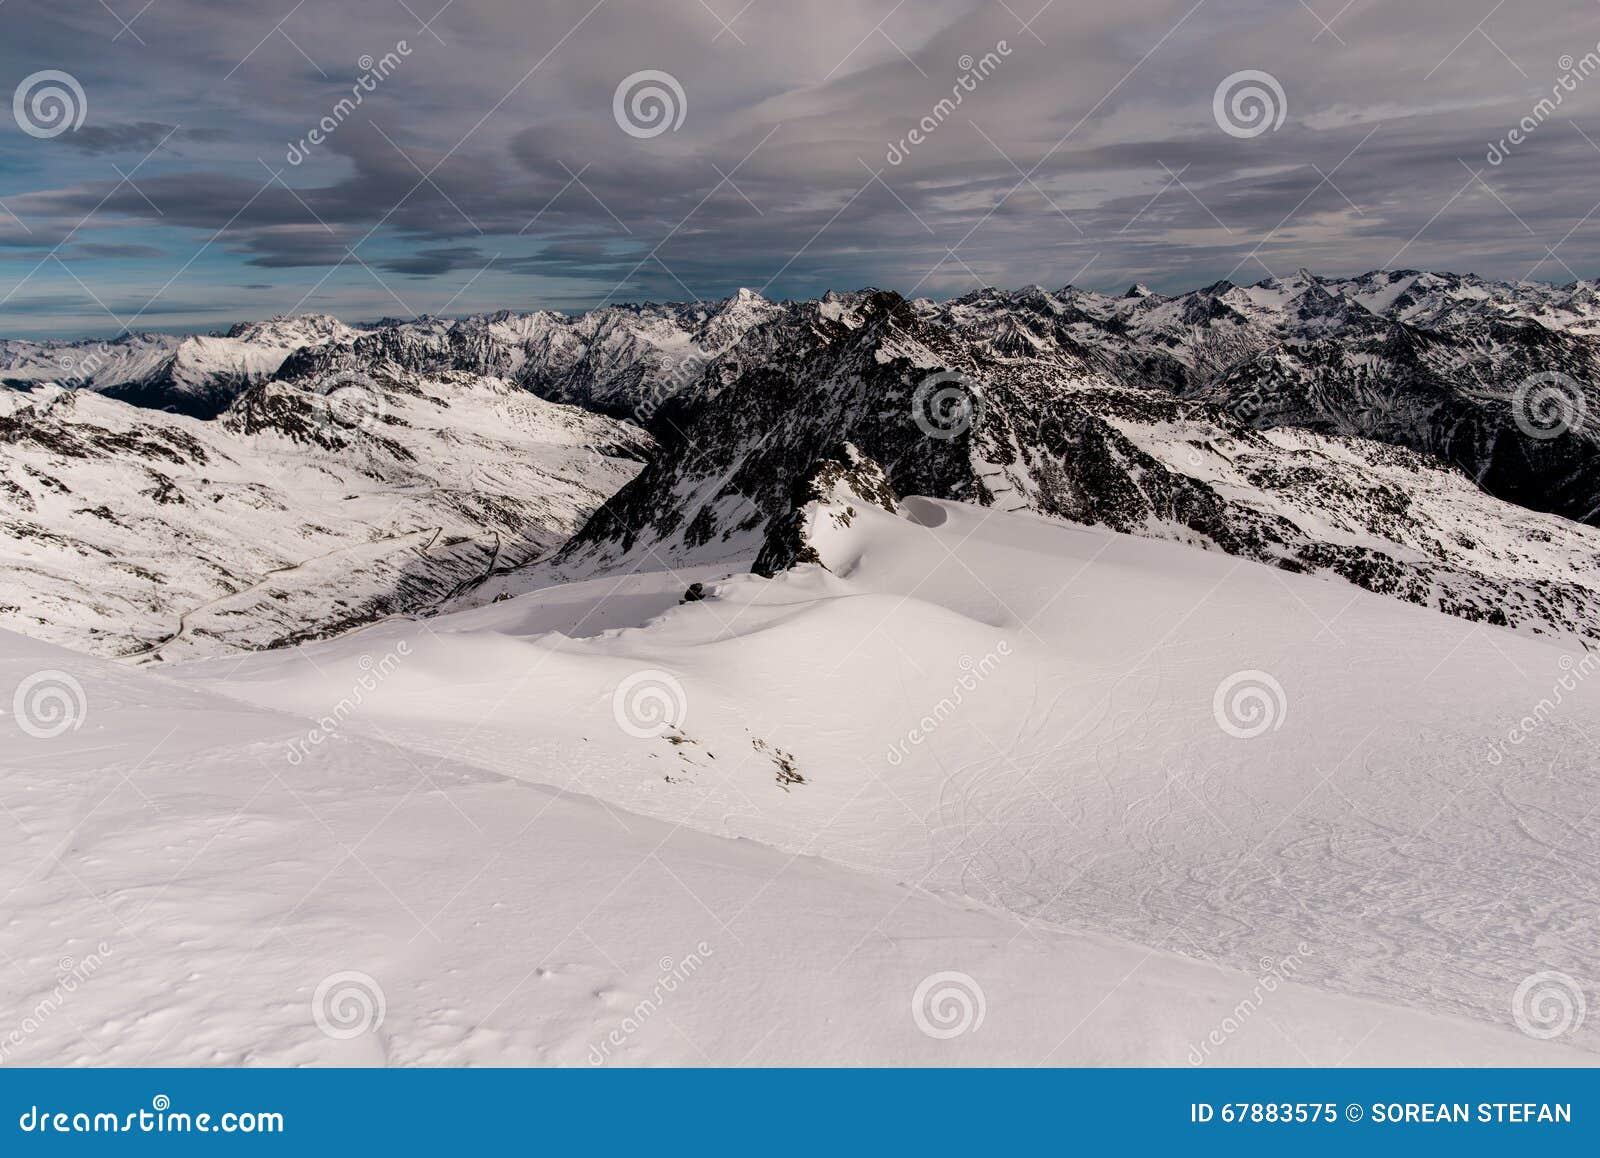 阿尔卑斯hochries山景